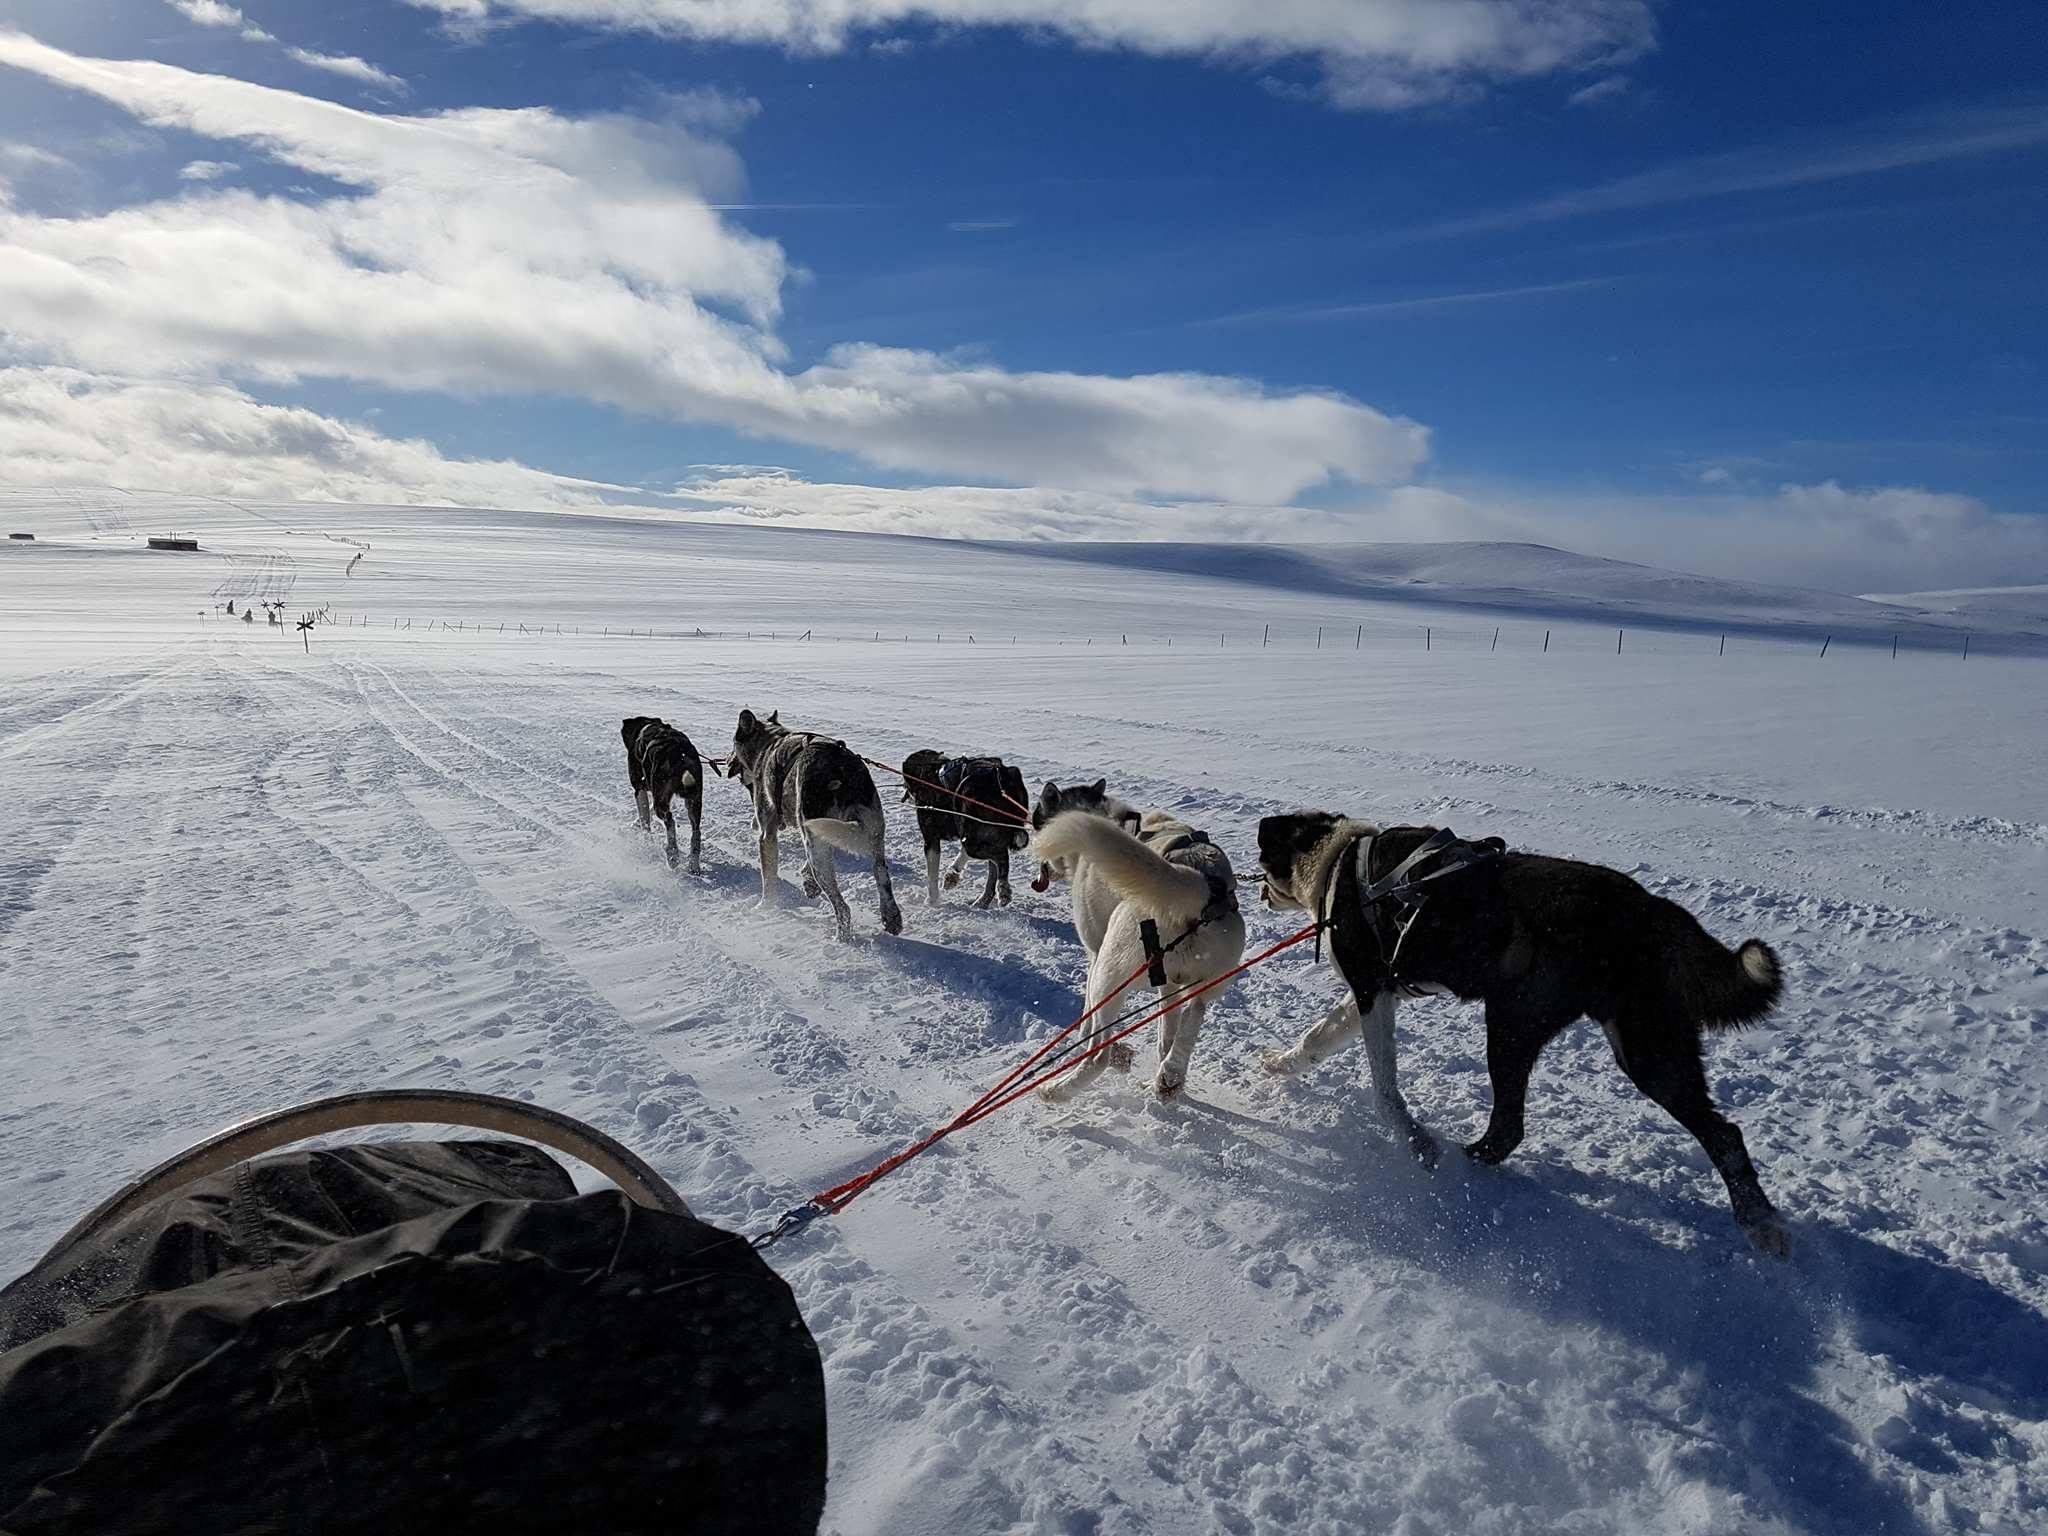 Chàng trai từng kêu gọi cộng đồng mạng vote cho mình đã hoàn thành thử thách chinh phục Bắc Cực! - Ảnh 8.